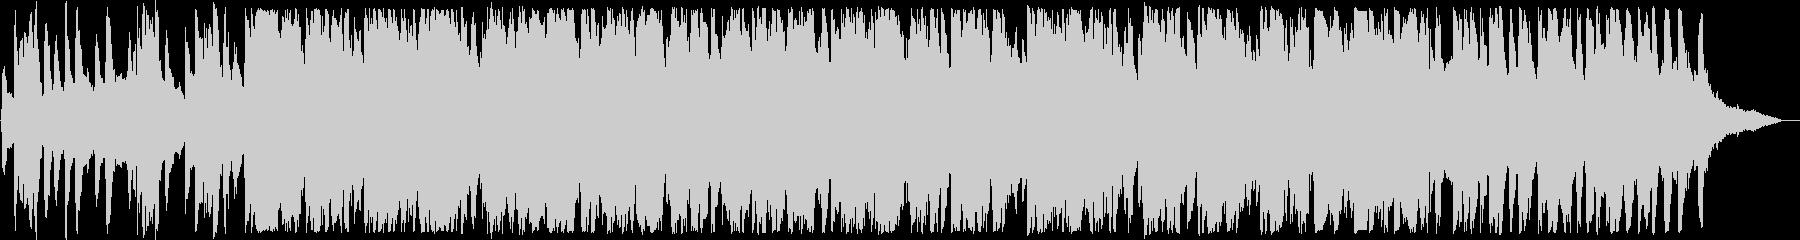 安らぐピアノ・バイオリンサウンドの未再生の波形